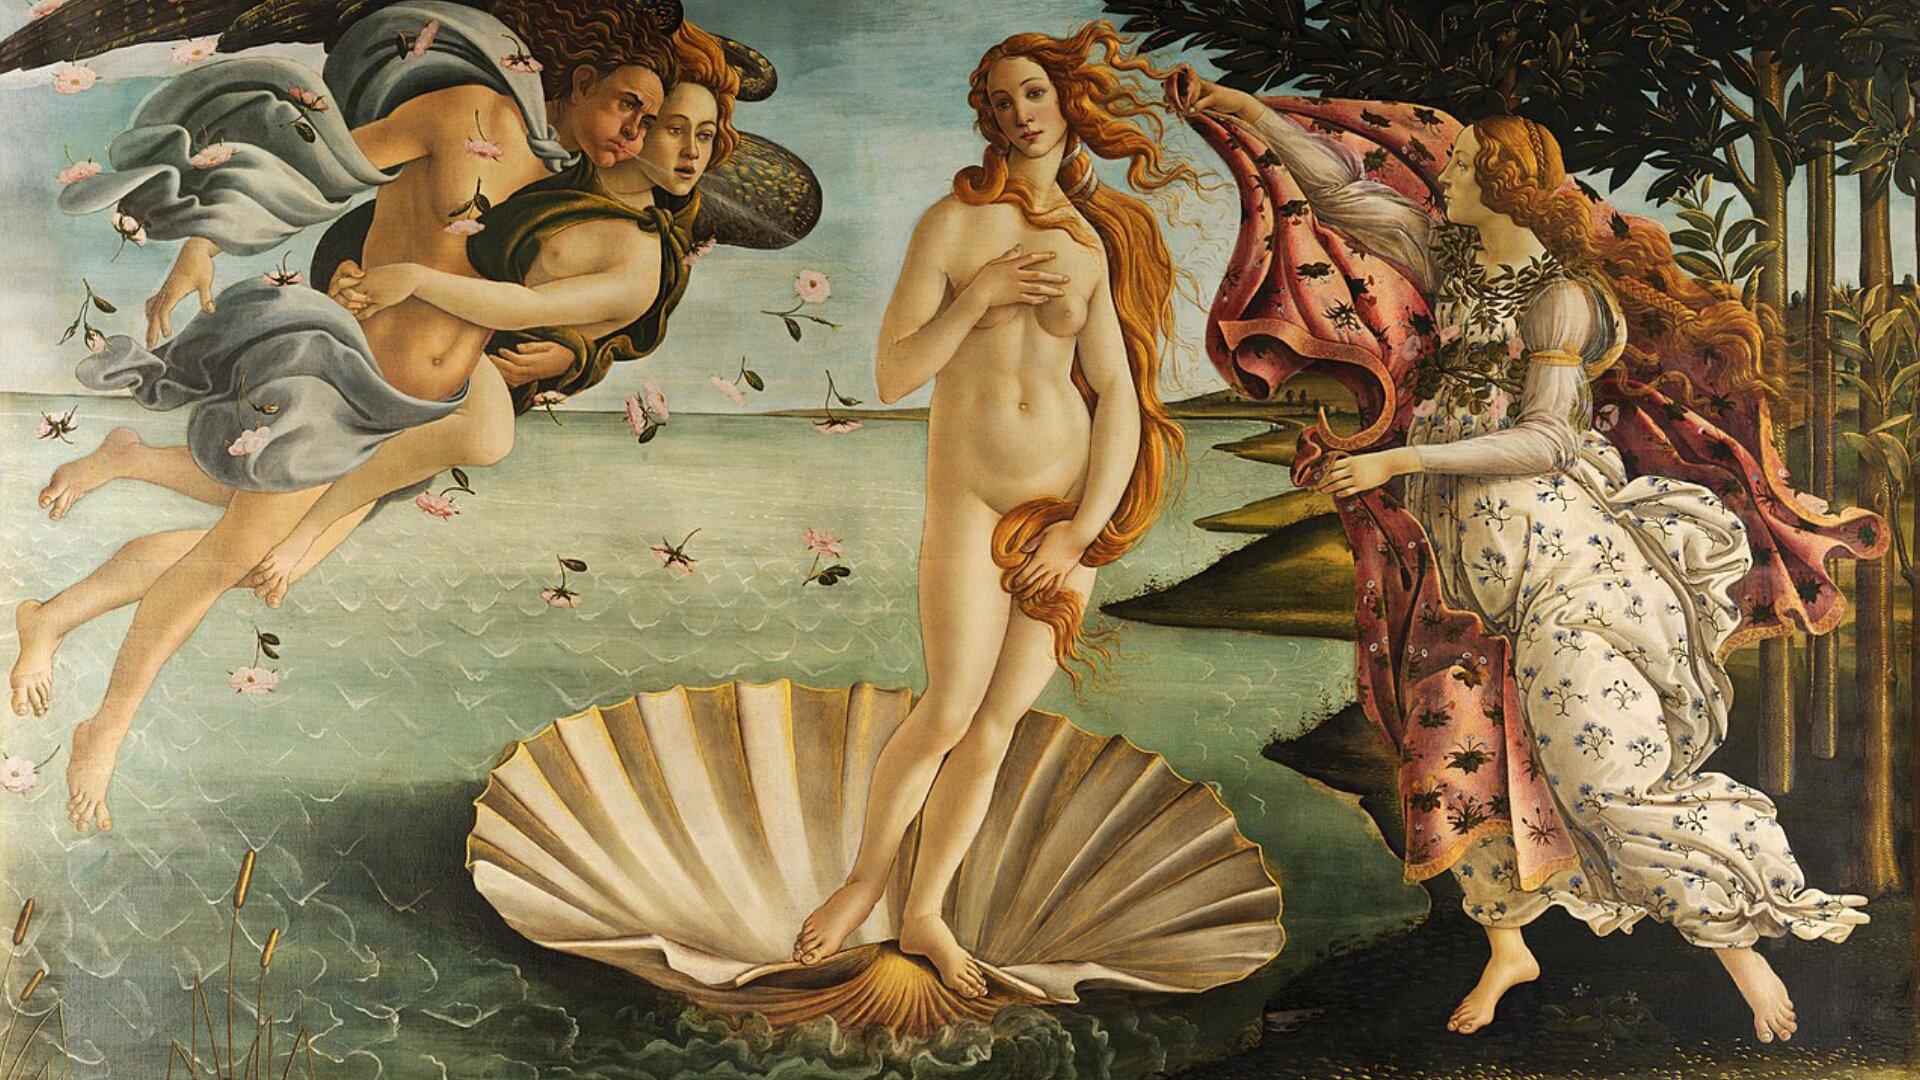 """Obraz pt. """"Narodziny Wenus"""" przedstawia Wenus stojącą nago wmuszli. Po lewej stronie unoszą się półnagie postaci mężczyzny ikobiety złączone uściskiem. Po prawej znajduje się bogini Hera wbiałej sukni wkwiaty."""